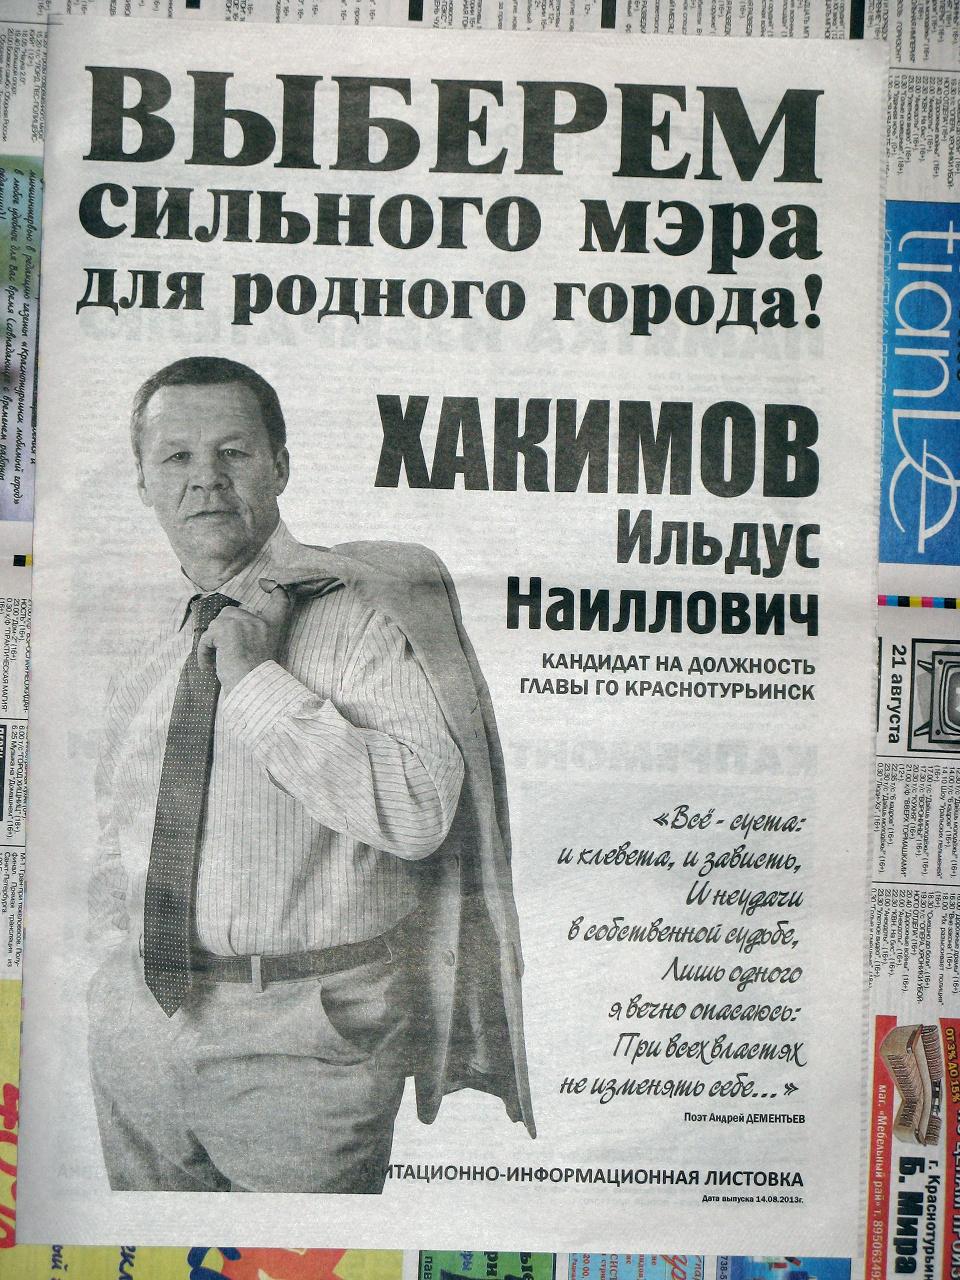 Член комиссии что делают справедливая россия г краснотурьинск